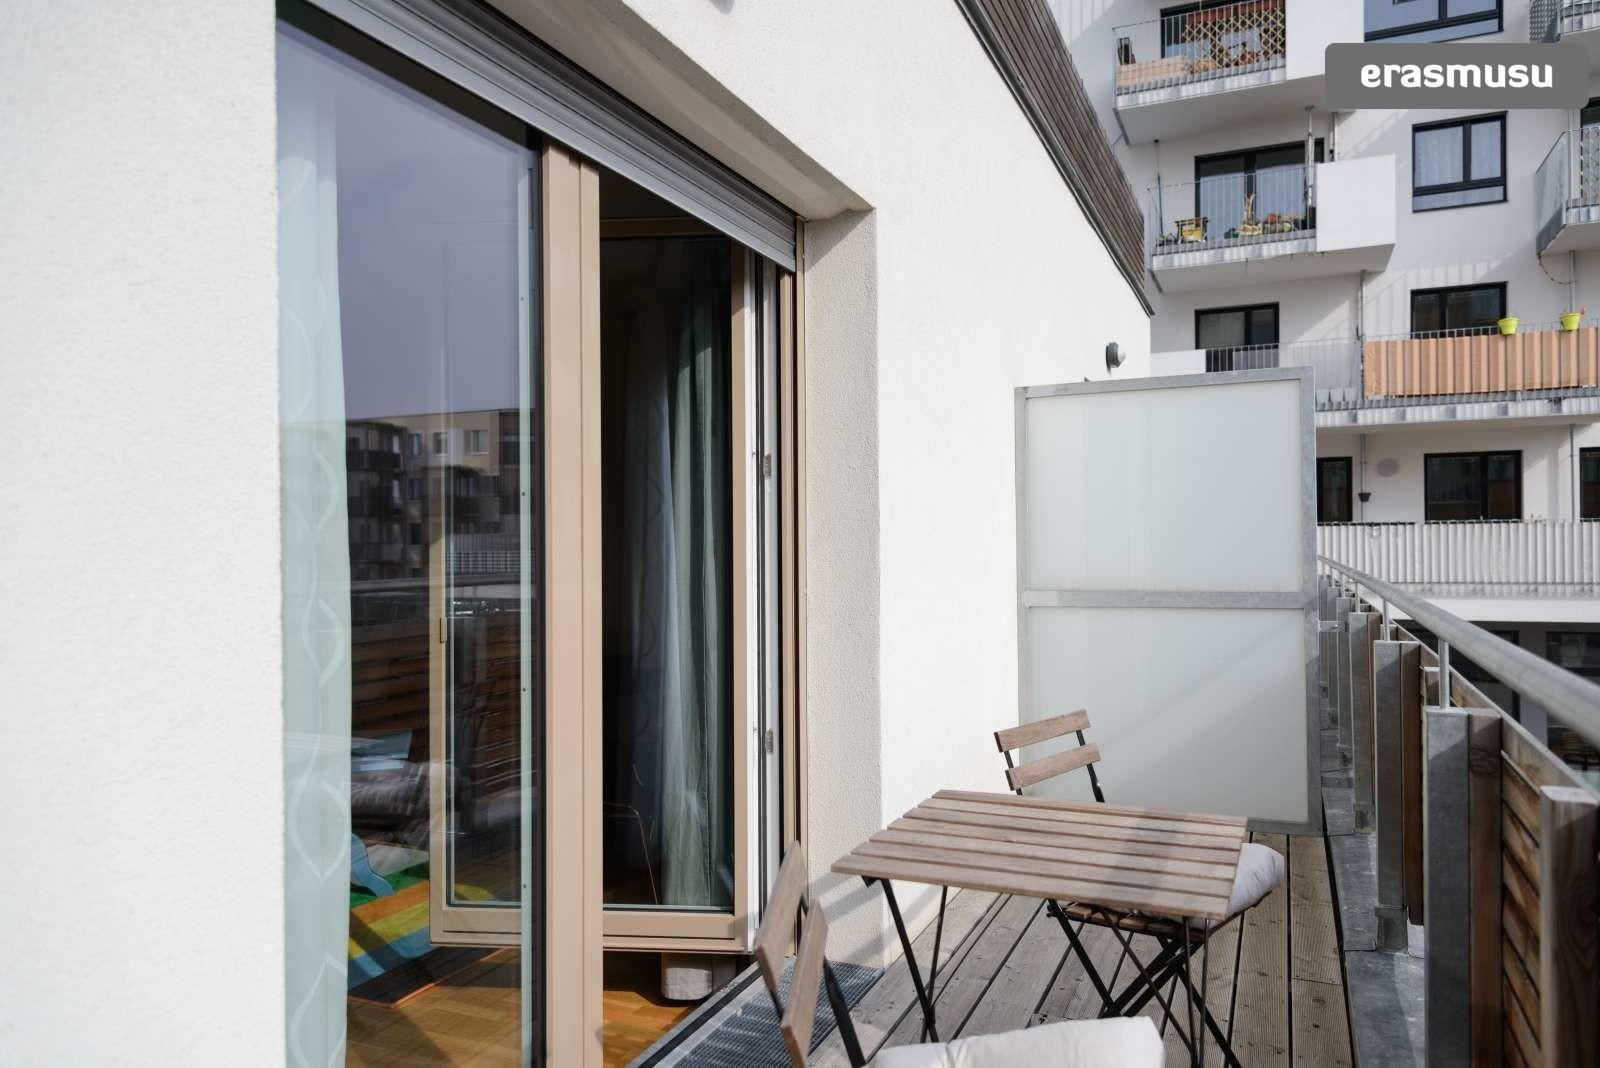 spacious-studio-apartment-rent-aspern-area-donaustadt-3e5a9a975d